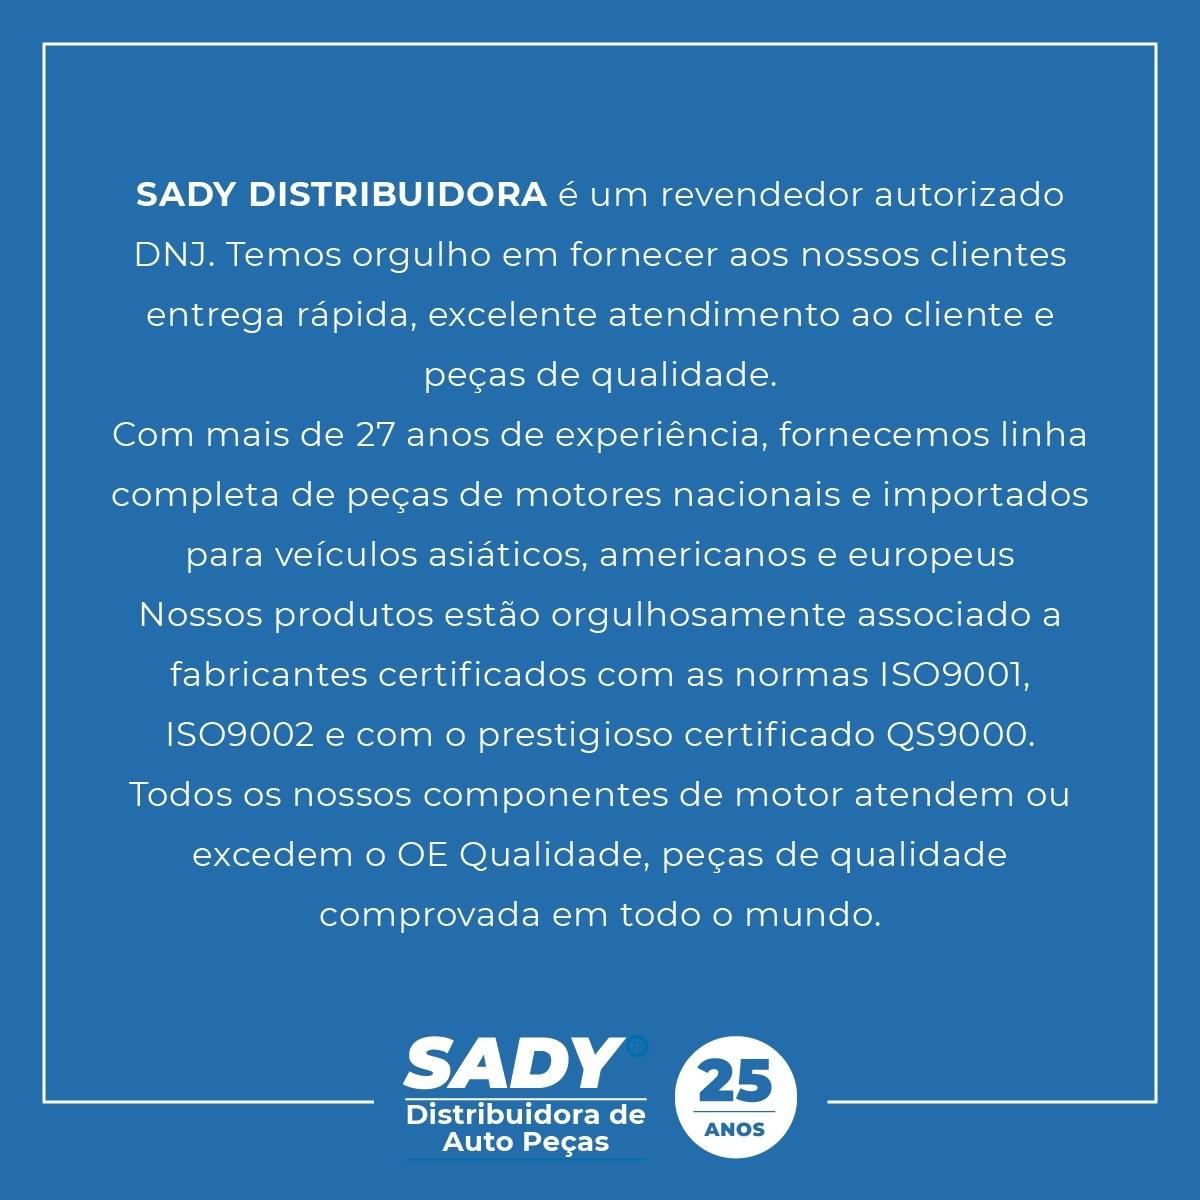 BOMBA DE OLEO DO MOTOR TOYOTA 3.0 24V 94/01